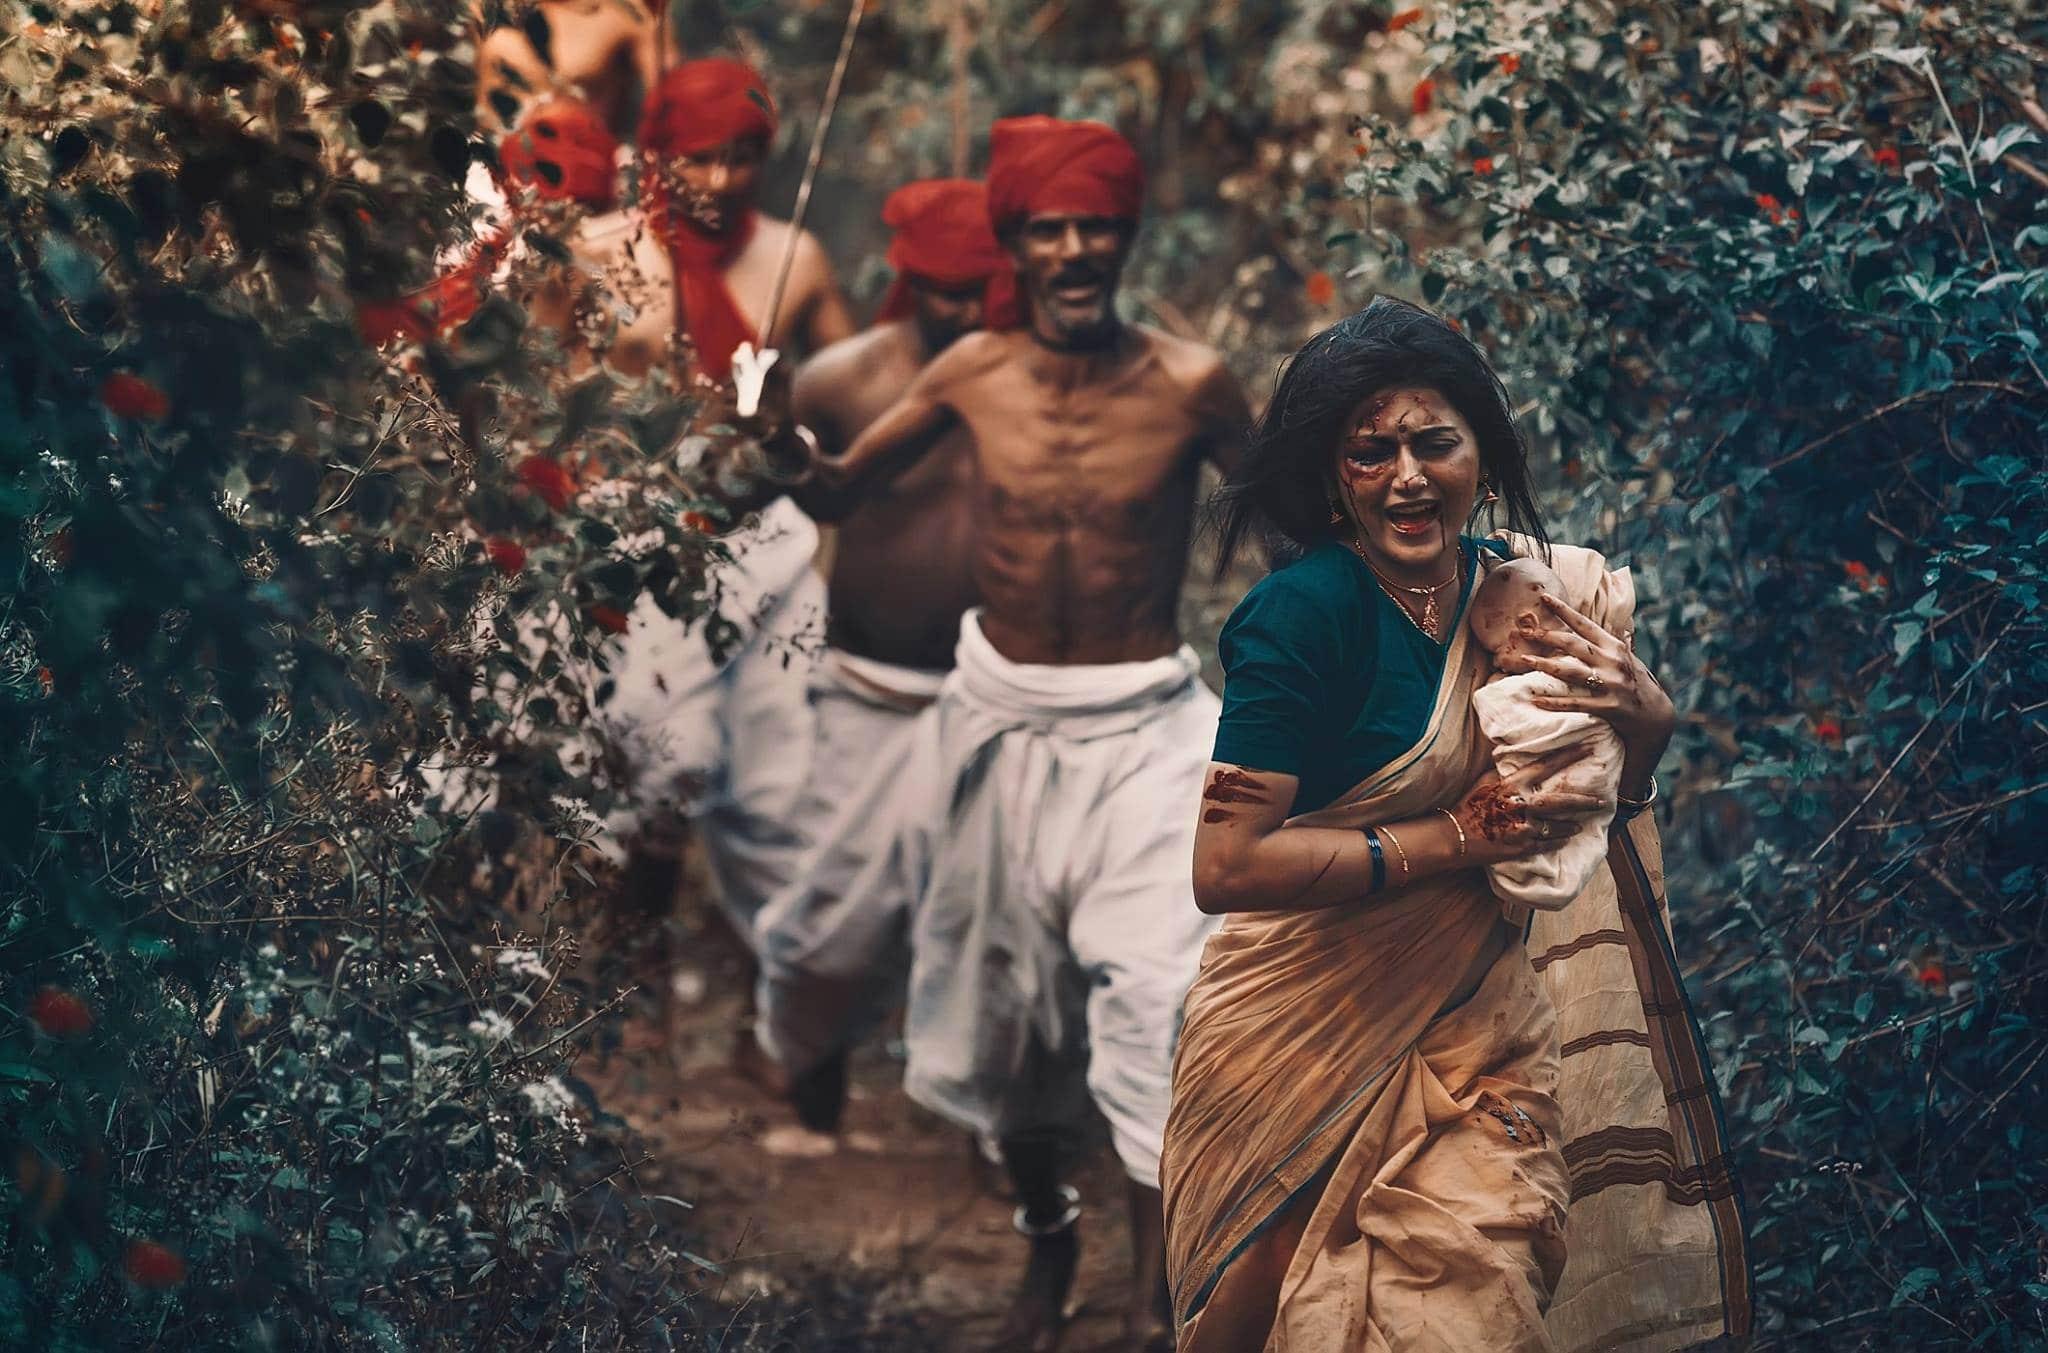 An-Award-winning-photo-story-Avani-By-Arjun-Kamath-1